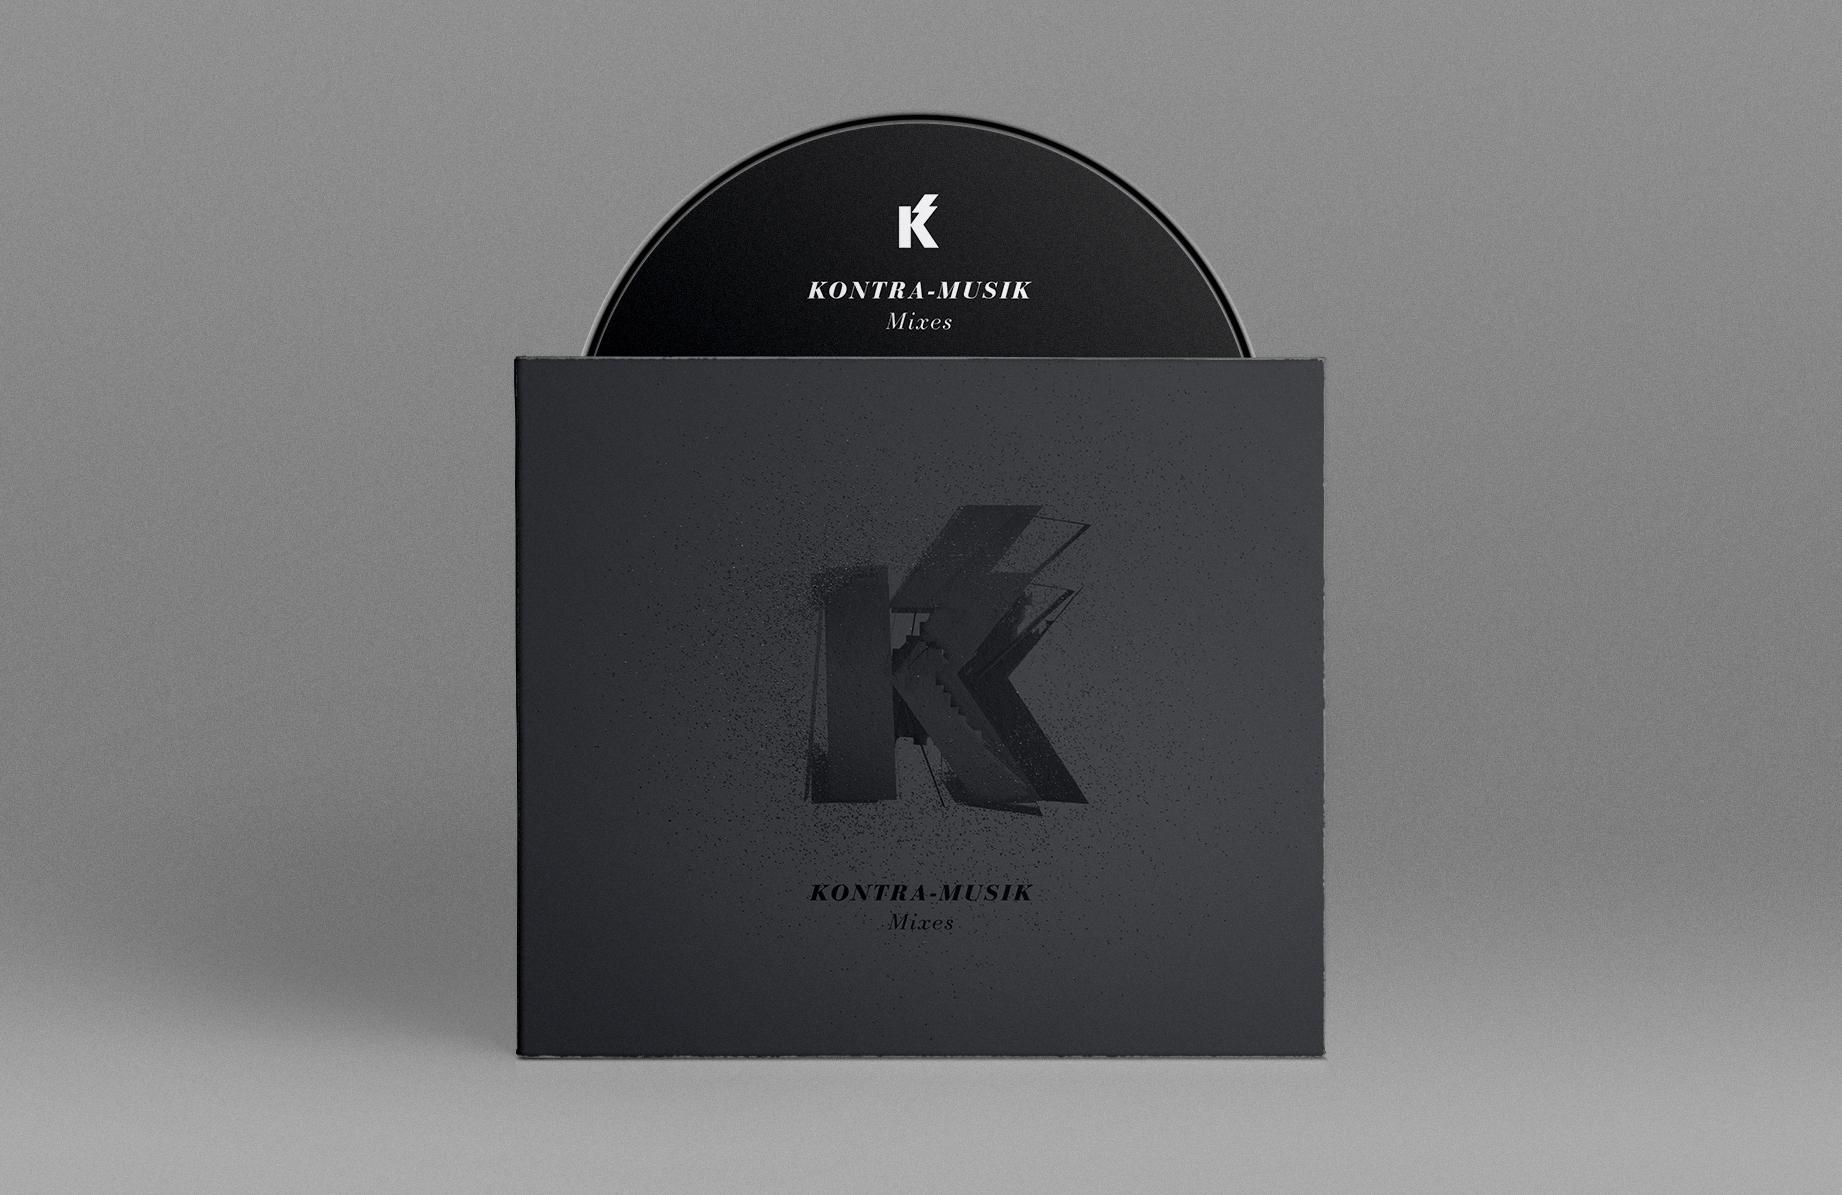 Kontra-Musik Mixes [CD, Japan]